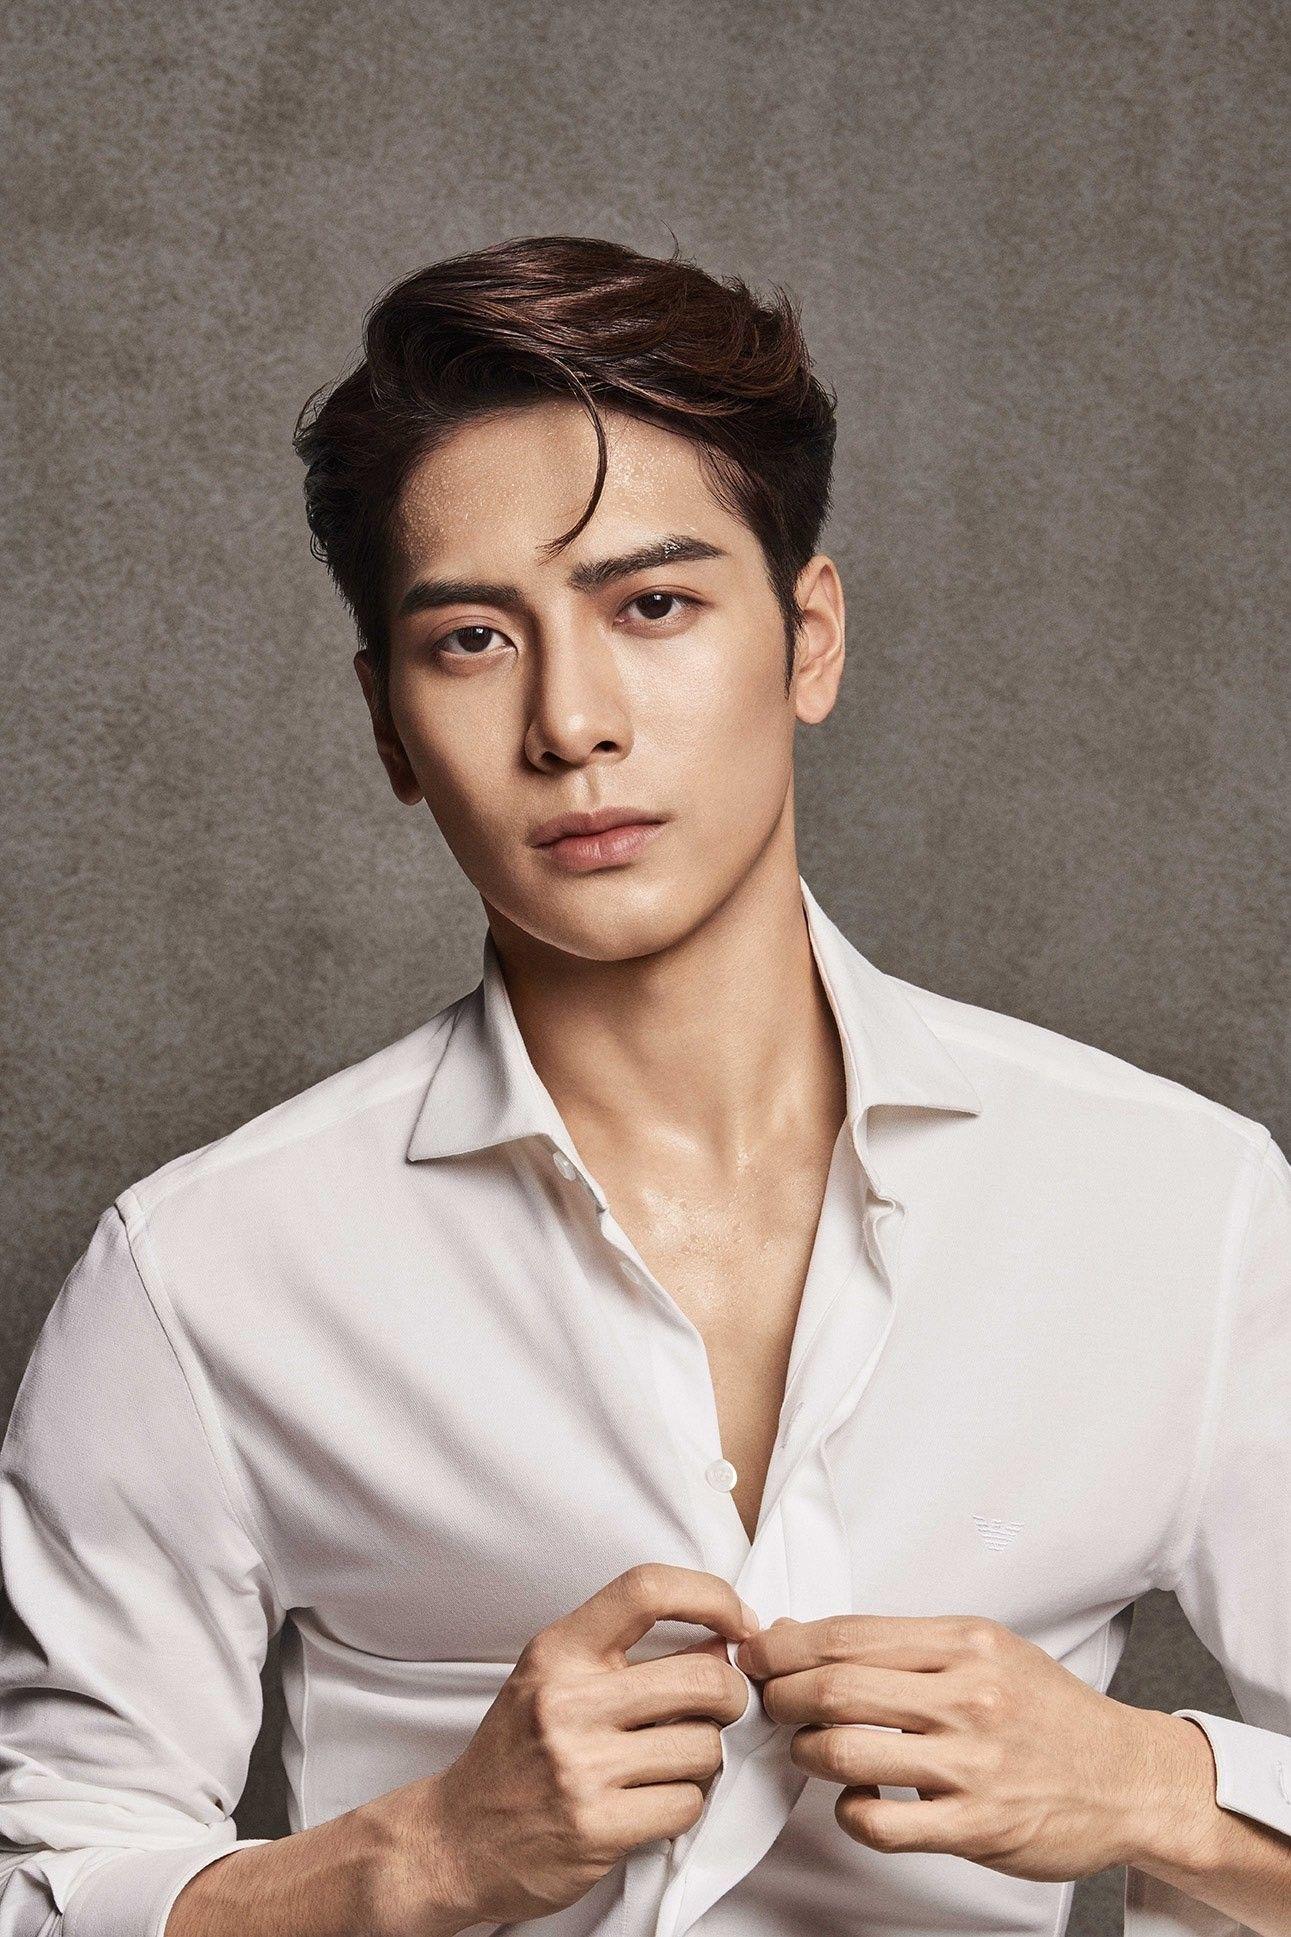 GOT7 Jackson Wang twitter update 191103 || Armani | Got7 แจ็คสัน, ผู้คน, นักแสดง